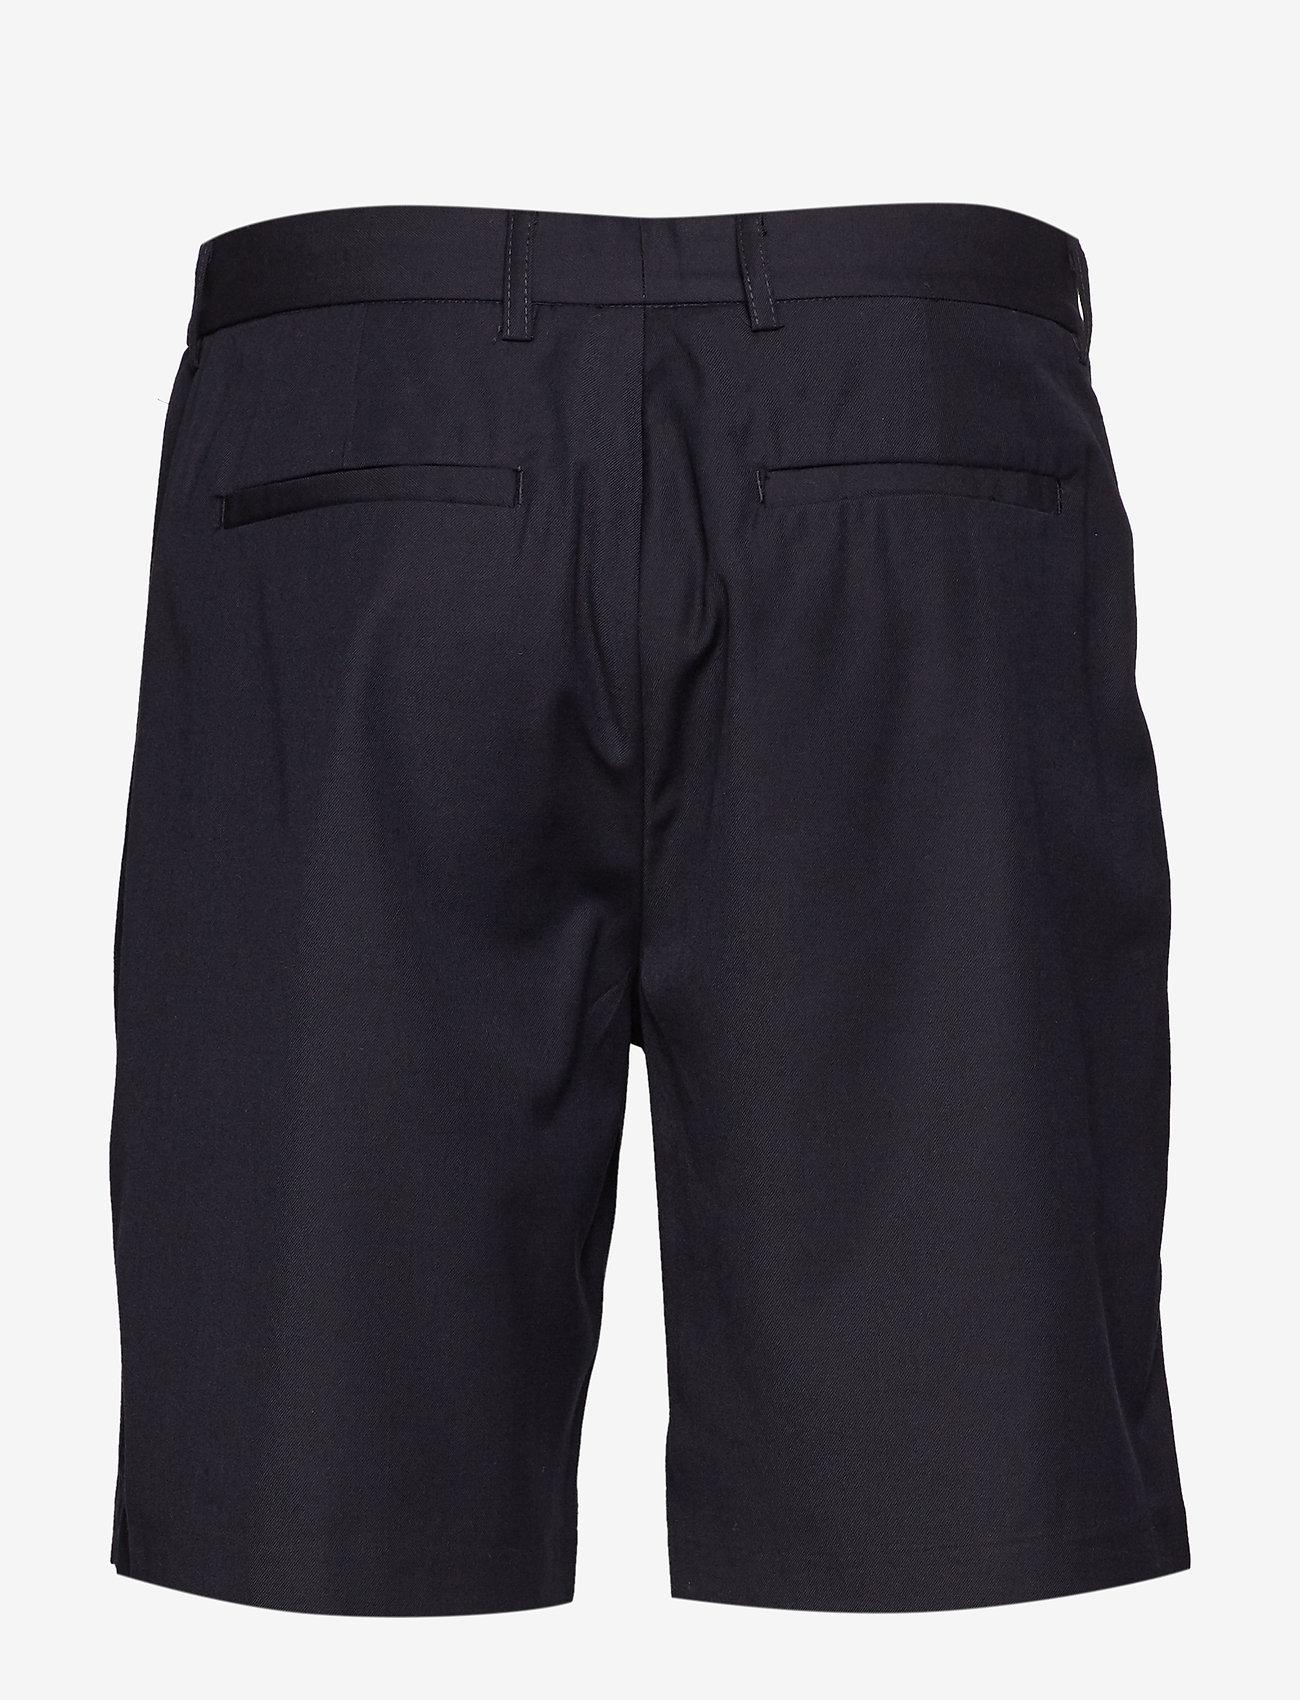 Noam (Navy Blazer) - Minimum VOeRNg